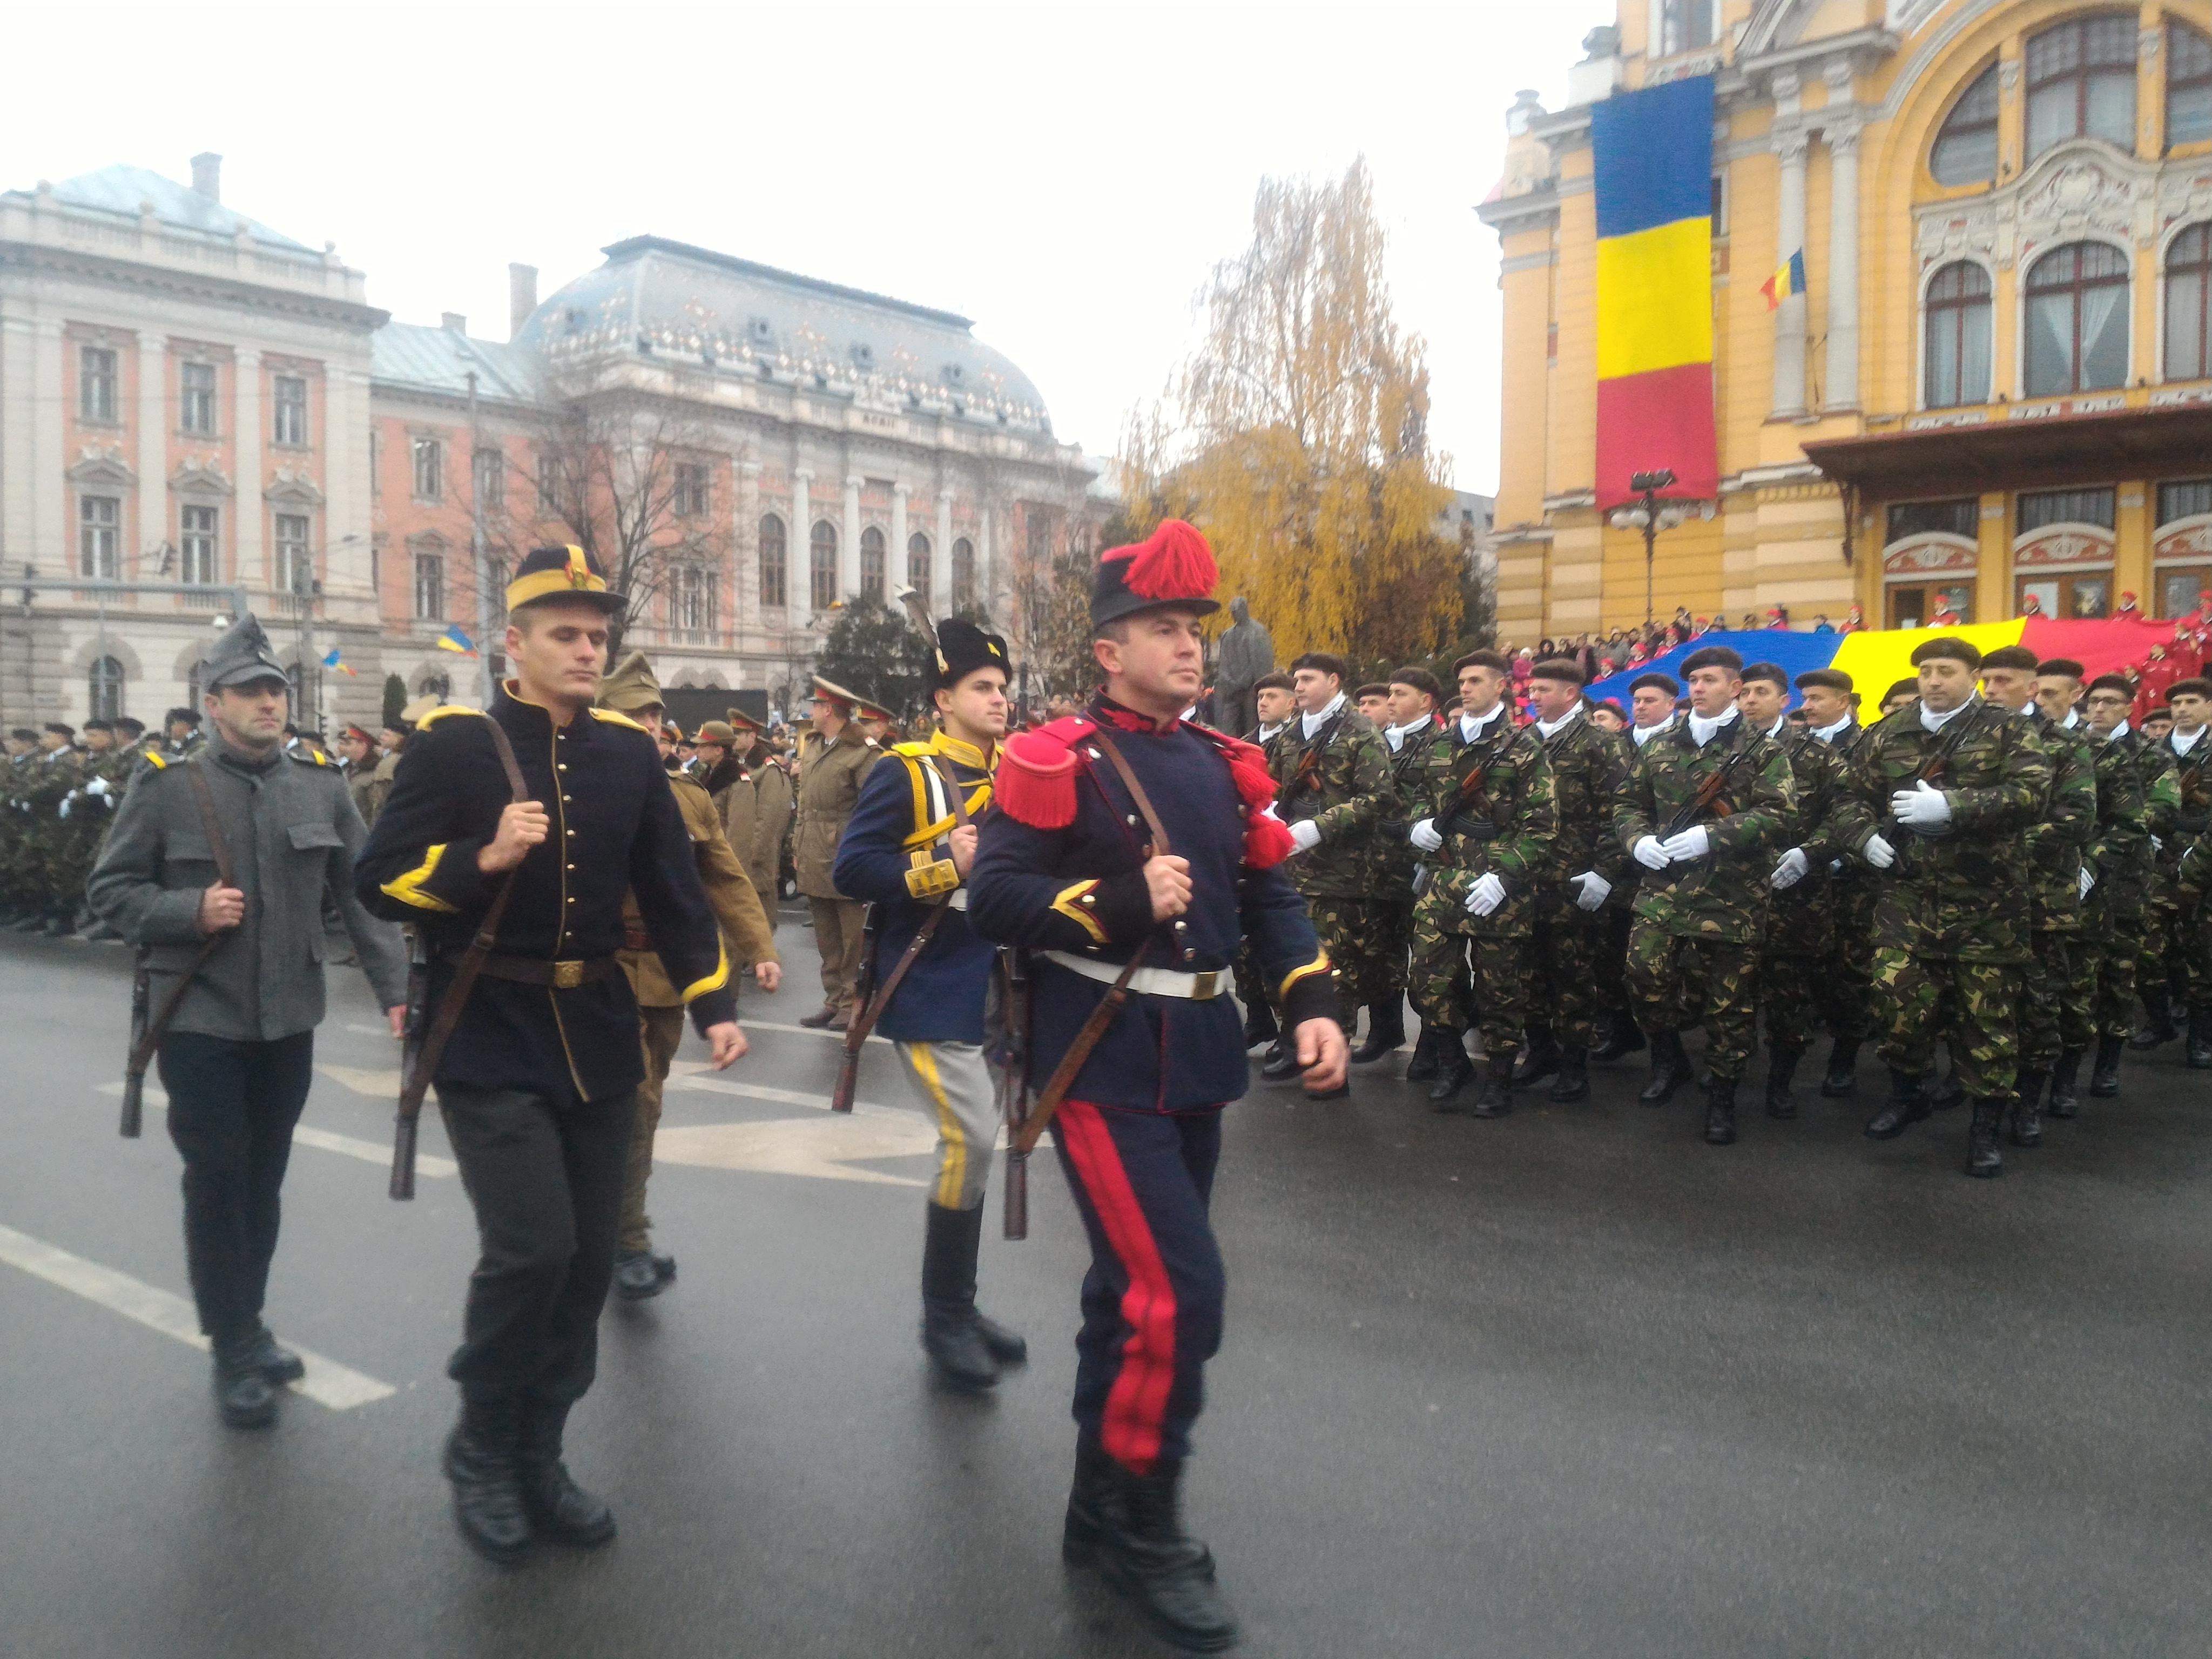 Românii, de Ziua Naţională: Încă suntem dezbinaţi. Ar trebui să ne întoarcem la valorile pierdute